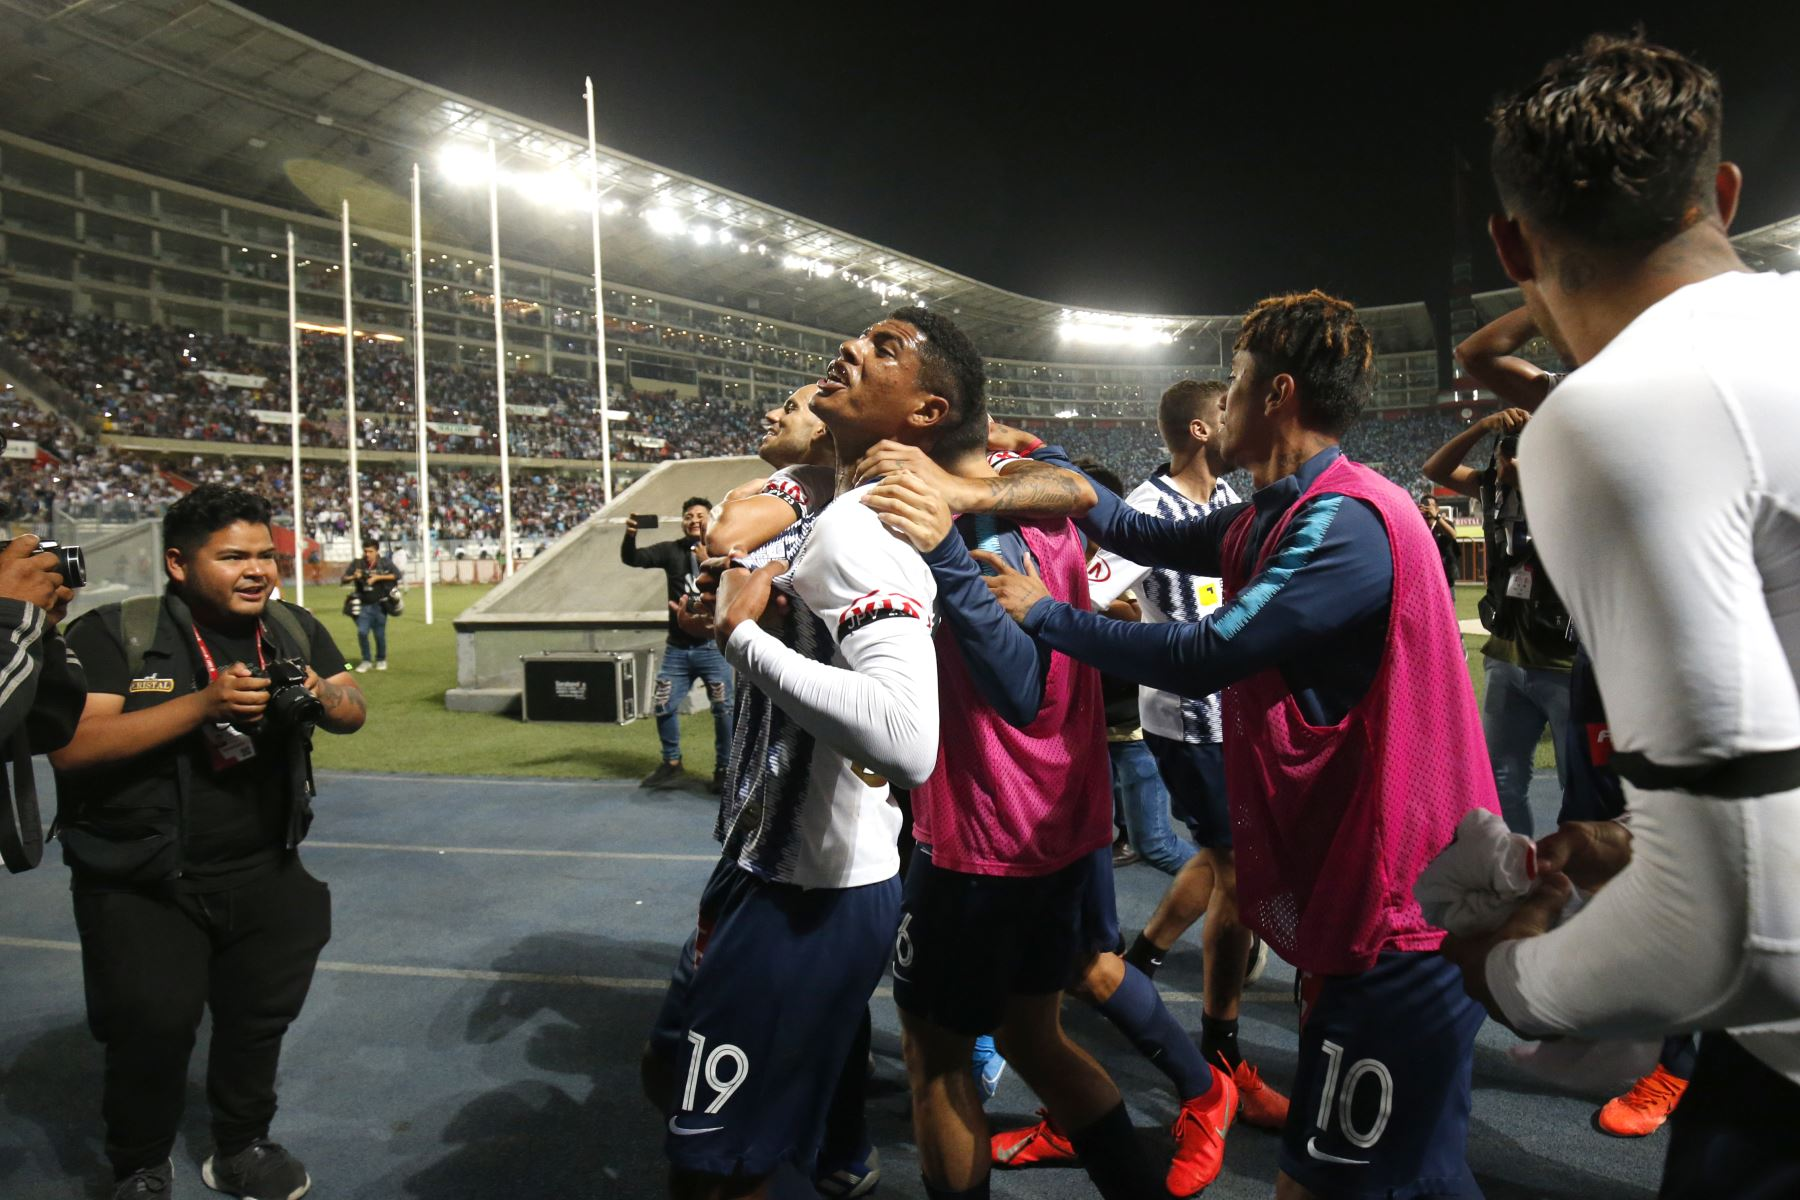 Alianza Lima empató 1-1 con Sporting Cristal y clasificó a la final de la Liga 1  Foto: Andina/Juan Carlos Guzmán Negrini